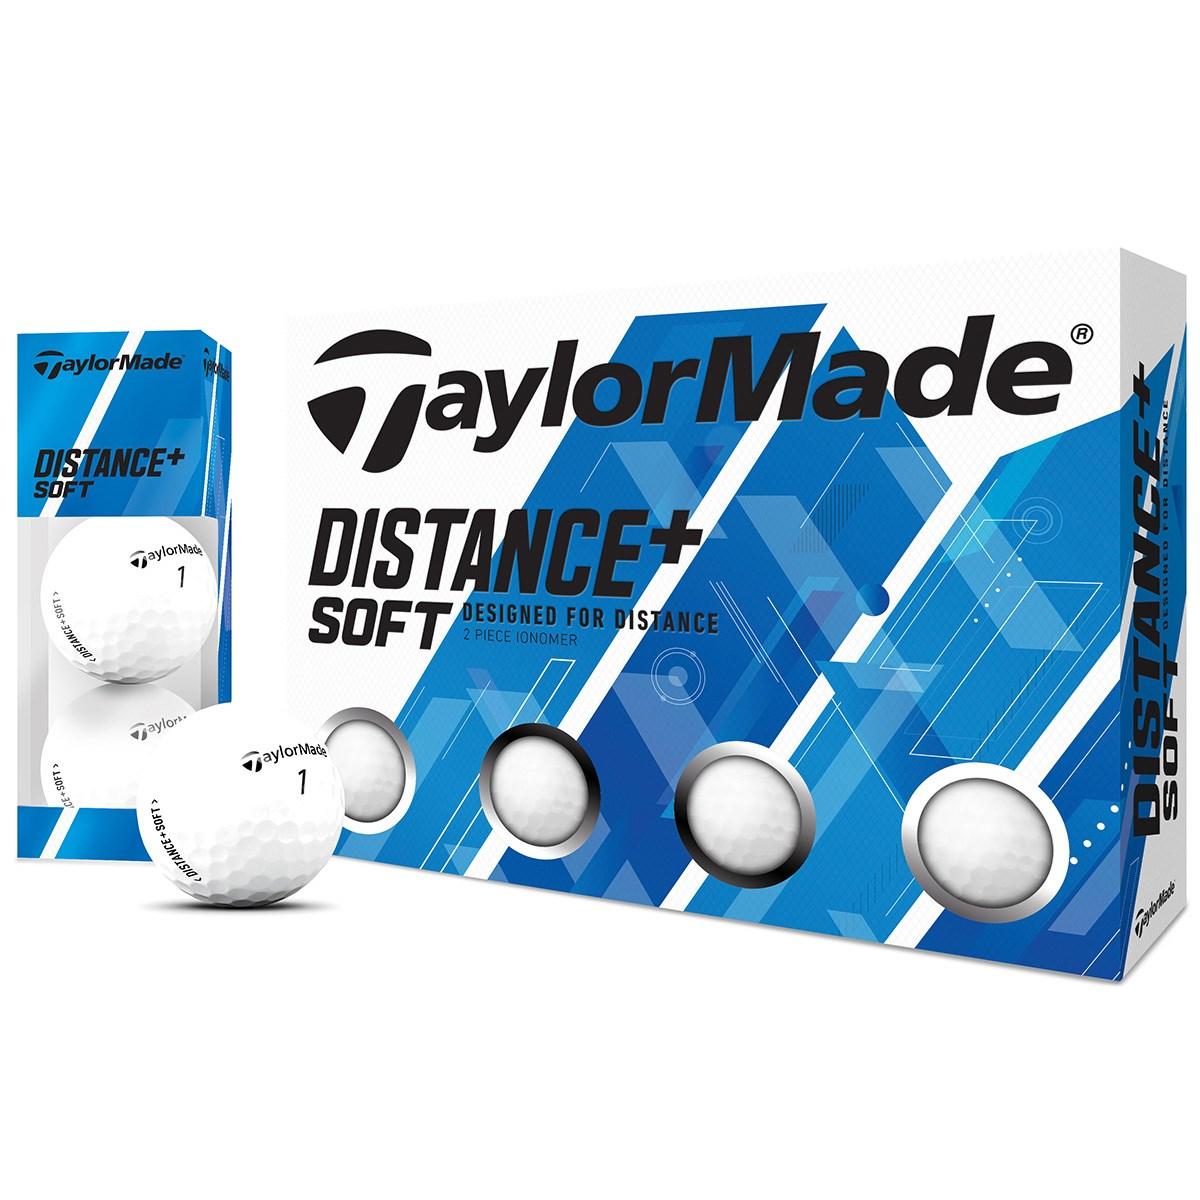 テーラーメイド(Taylor Made) Distance+Soft ボール